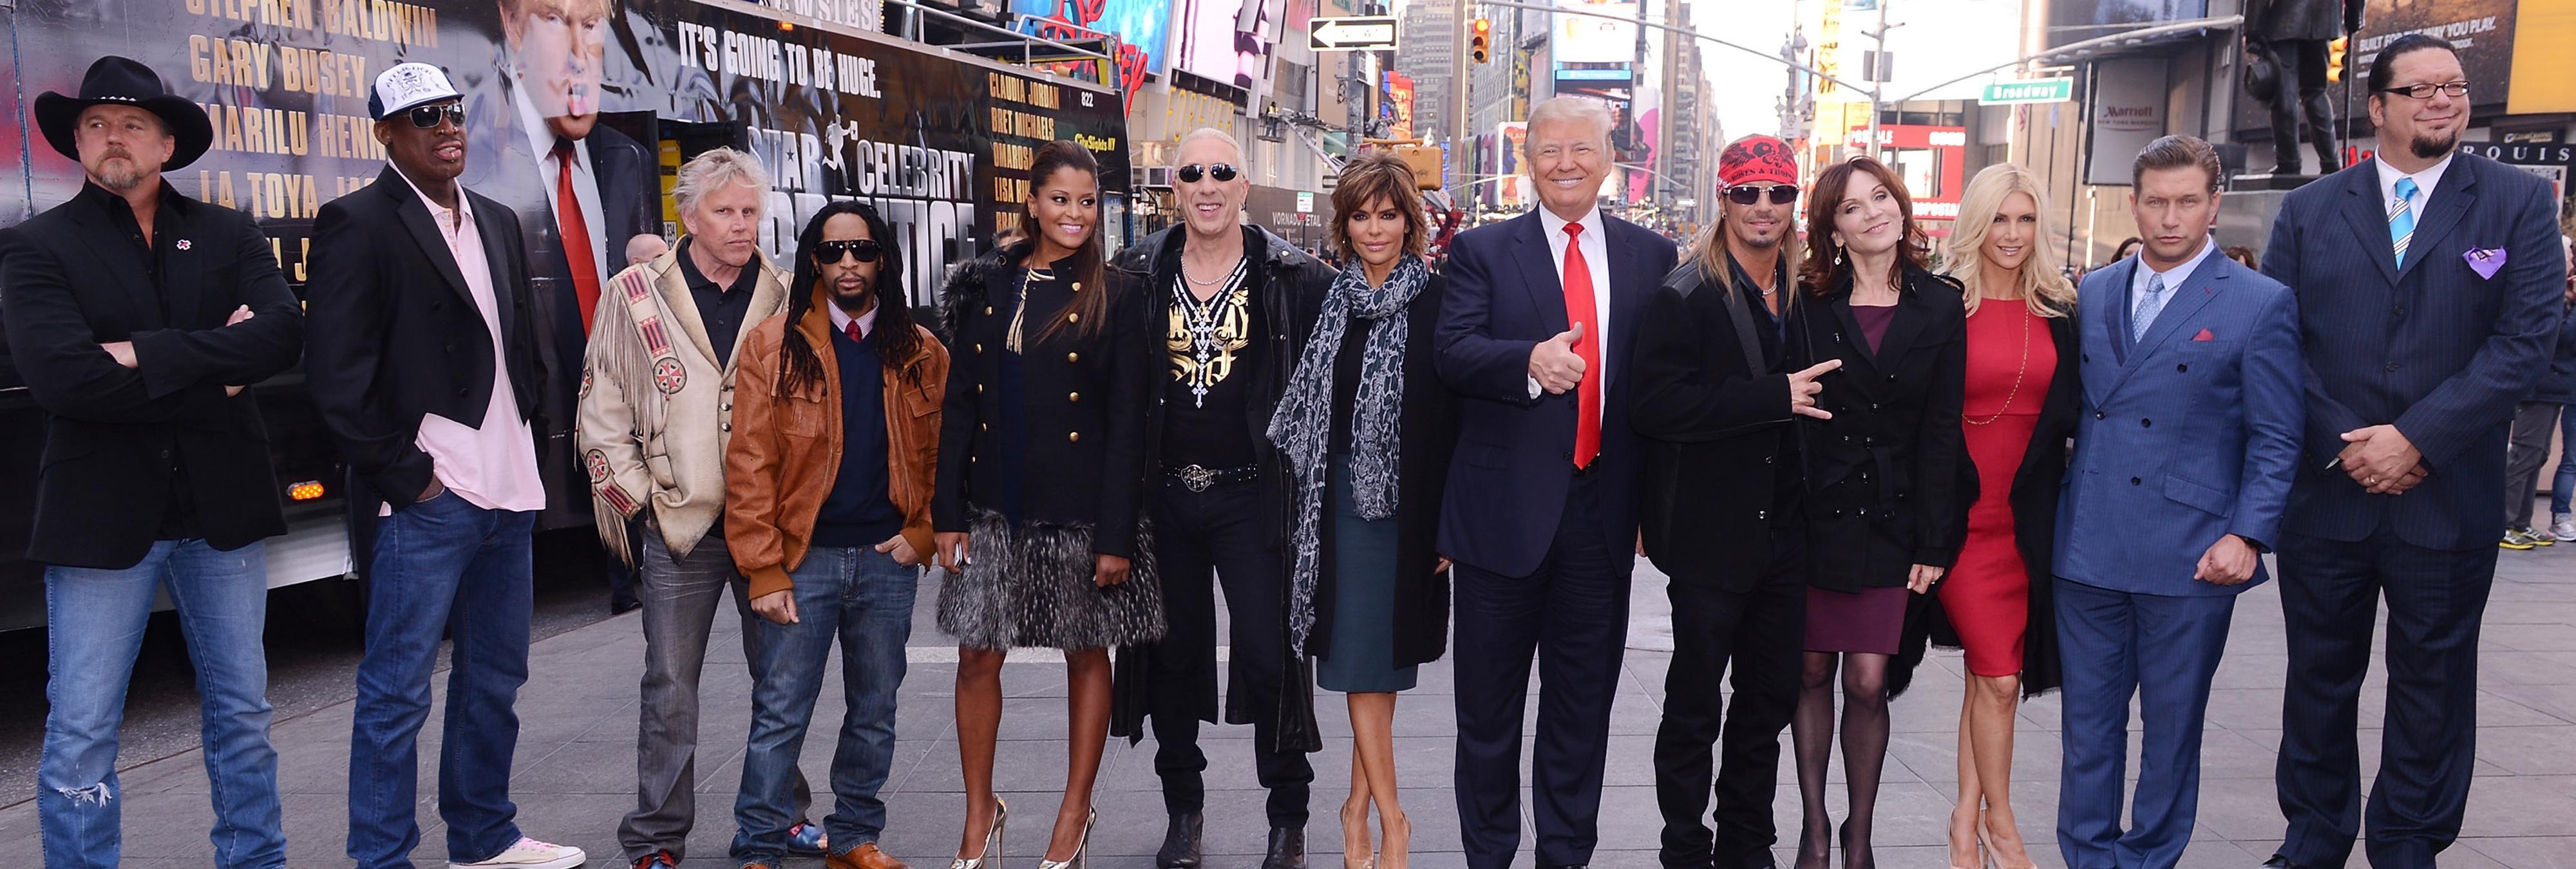 7 artistas que apoyan a Donald Trump